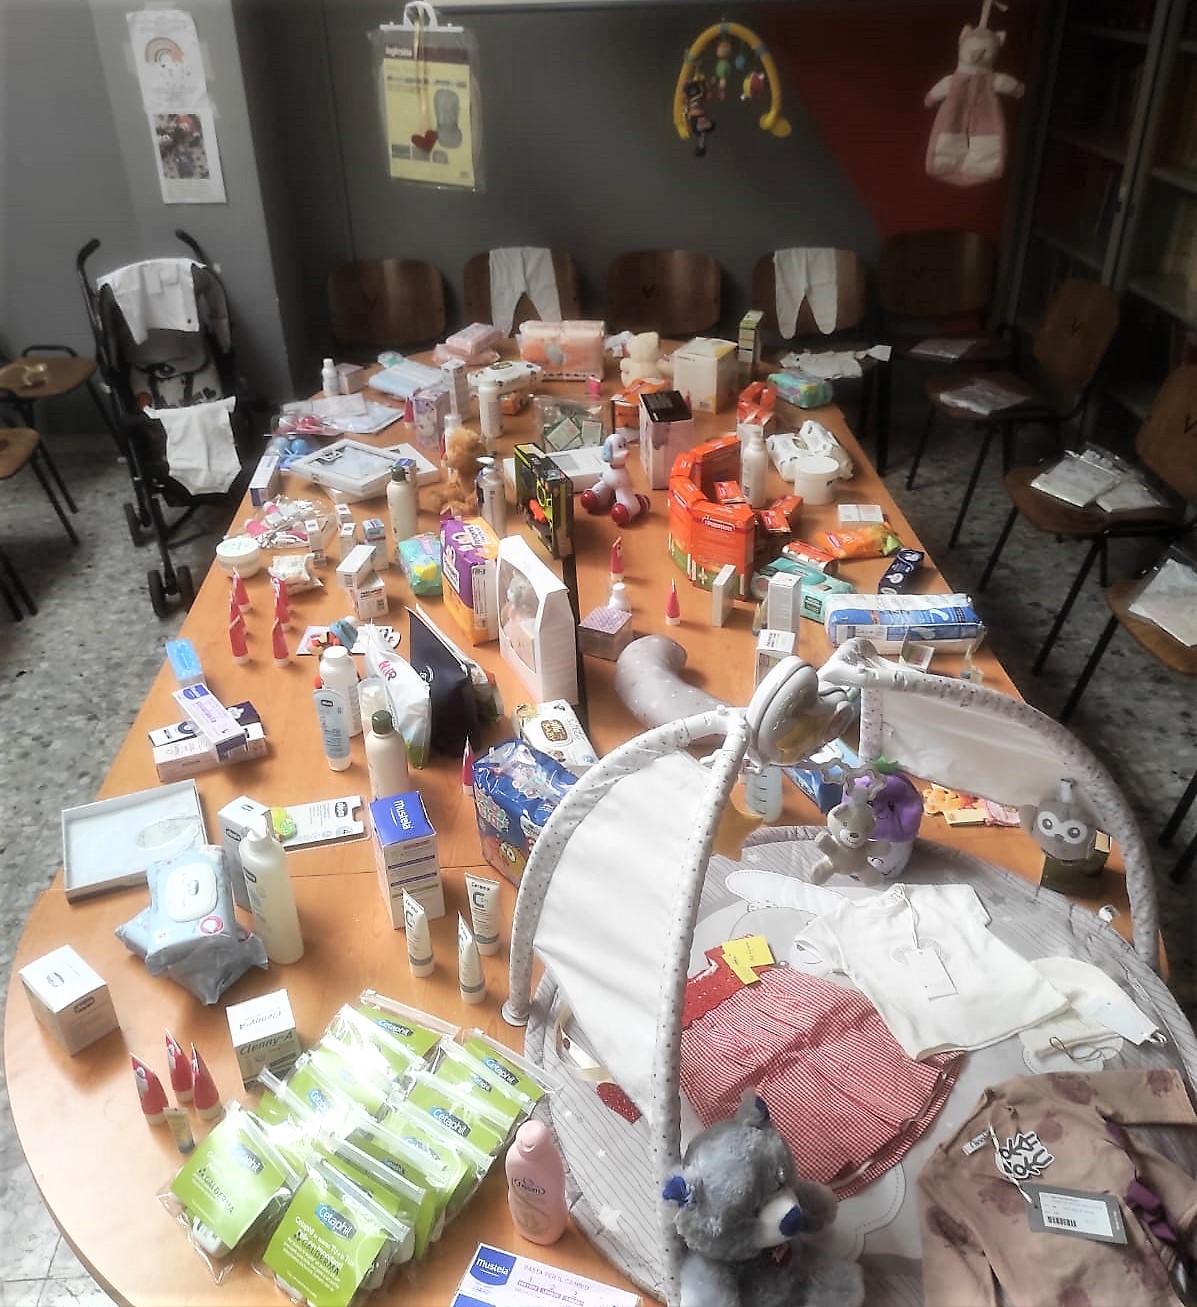 Festa della mamma stanza della solidarietà POLICLINICO VANVITELLI, INAUGURATA LA STANZA DELLA SOLIDARIETÀ